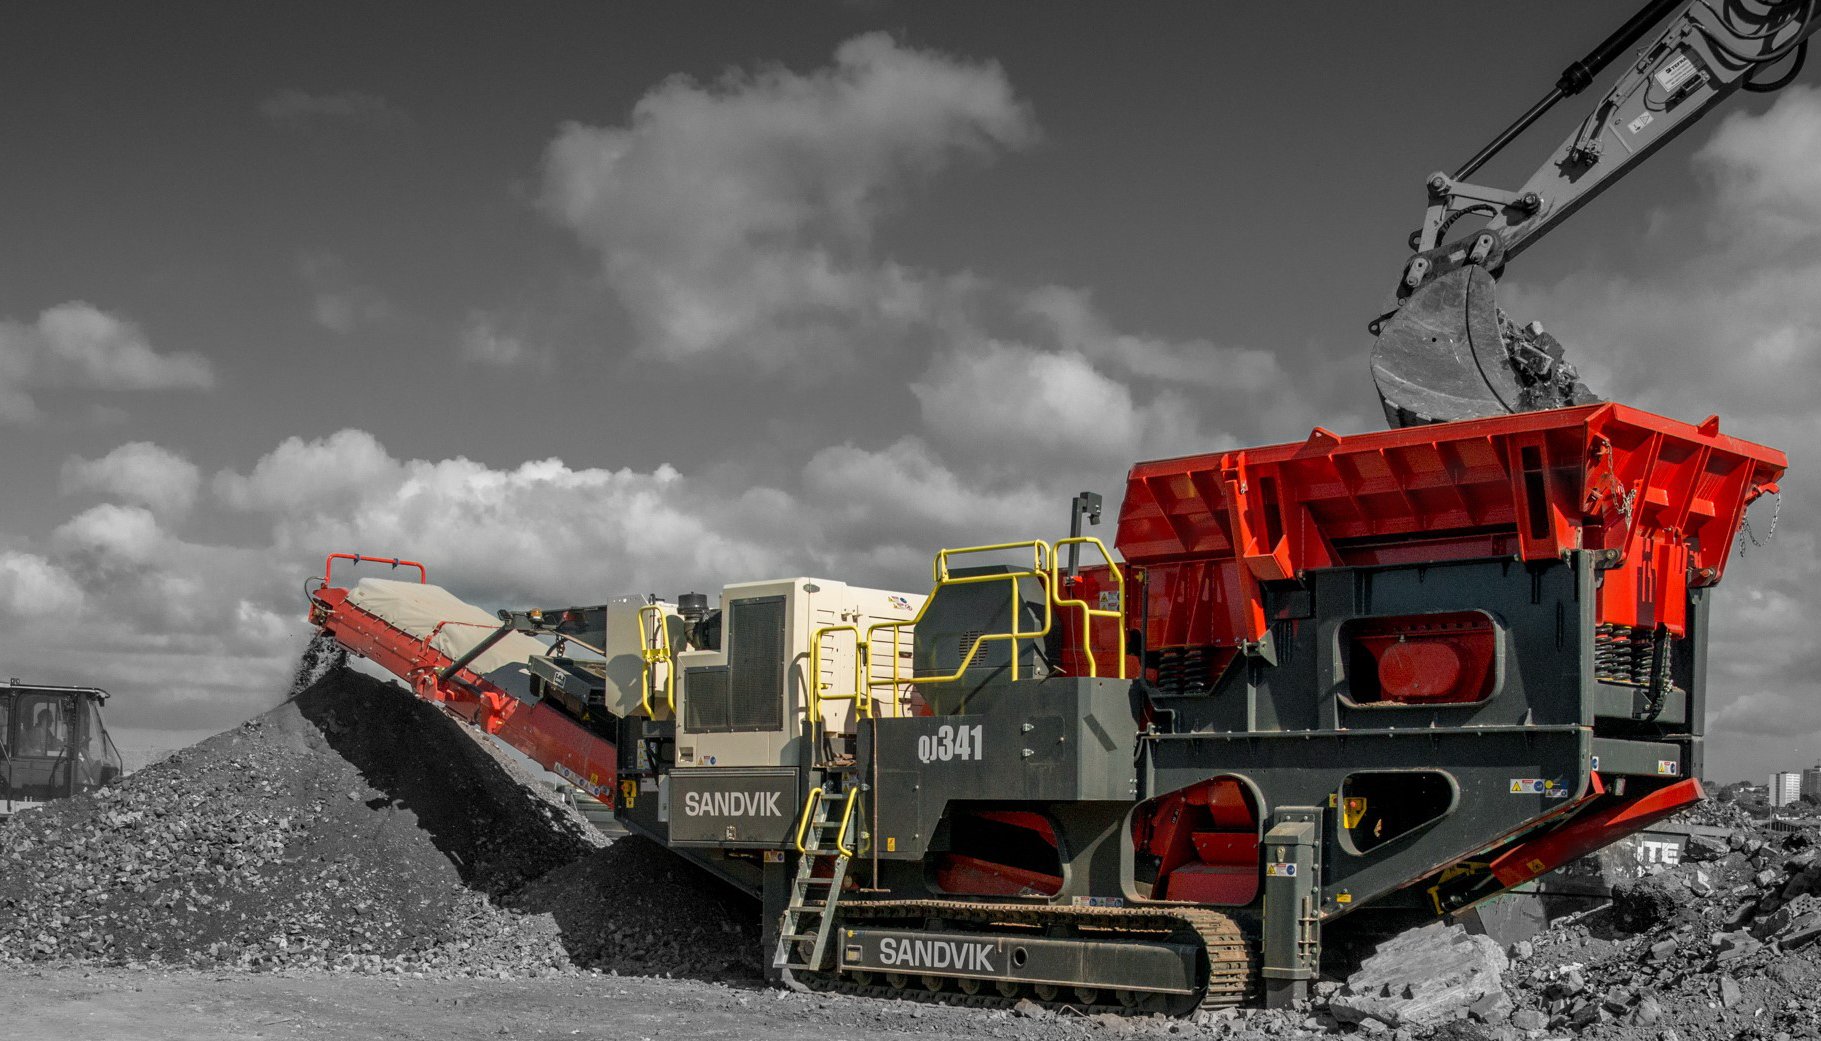 QJ341 Sandvik, Environnement et industrie